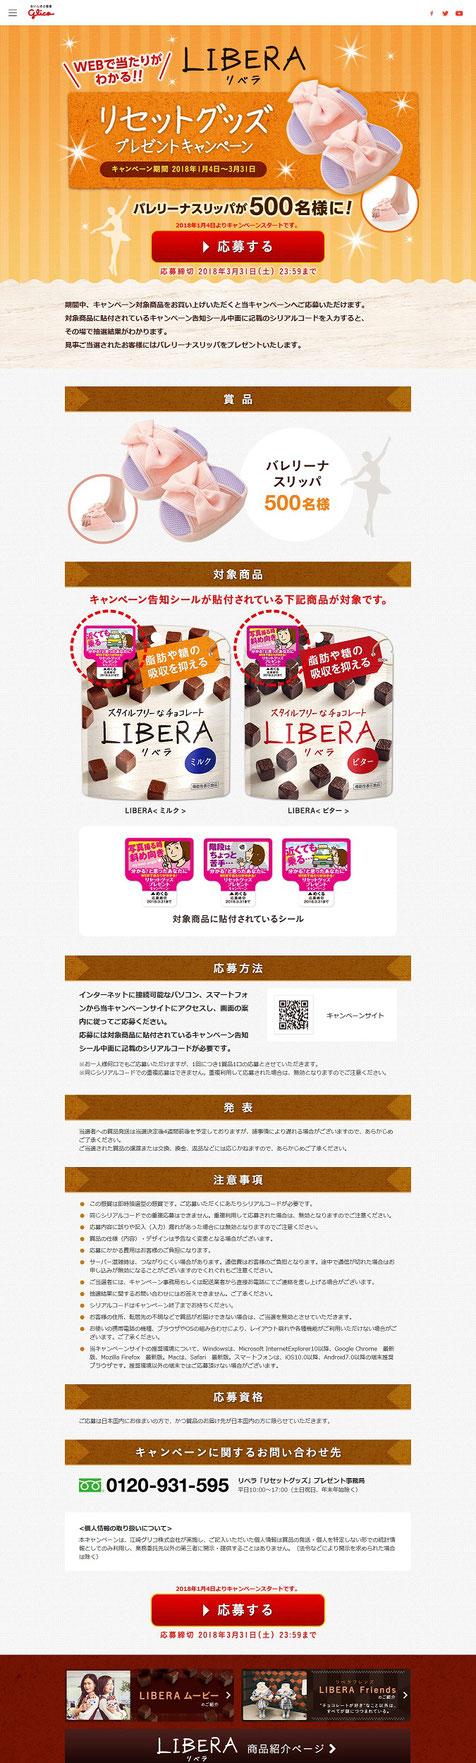 【グリコ】リベラ リセットグッズプレゼントキャンペーン